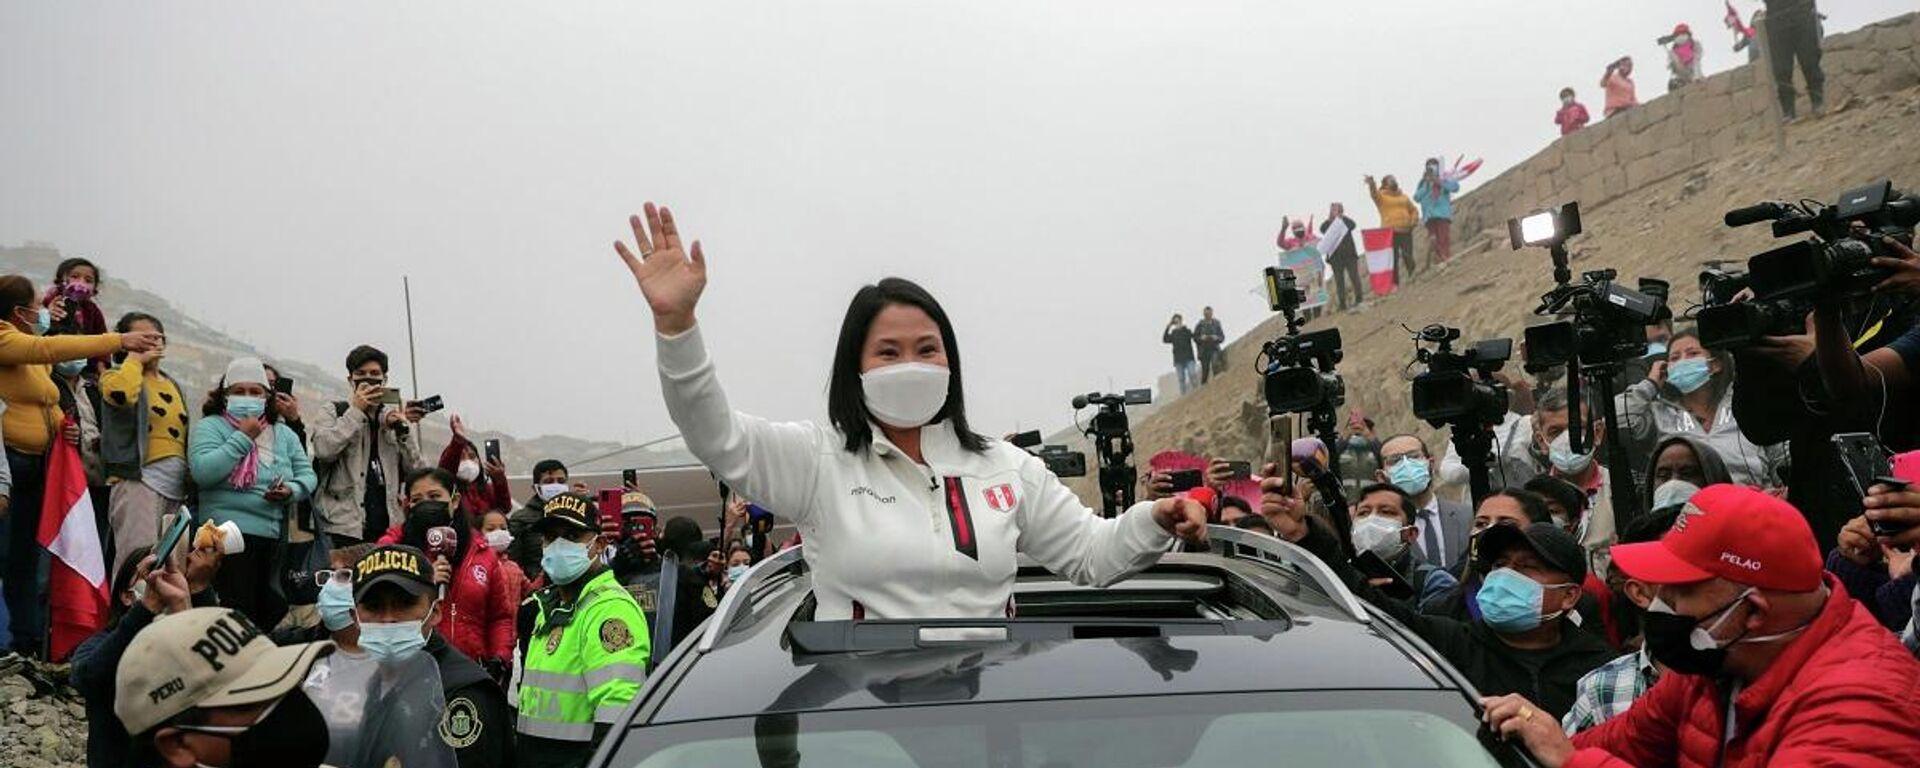 Keiko Fujimori, la candidata de derecha en las elecciones generales en Perú - Sputnik Mundo, 1920, 17.06.2021